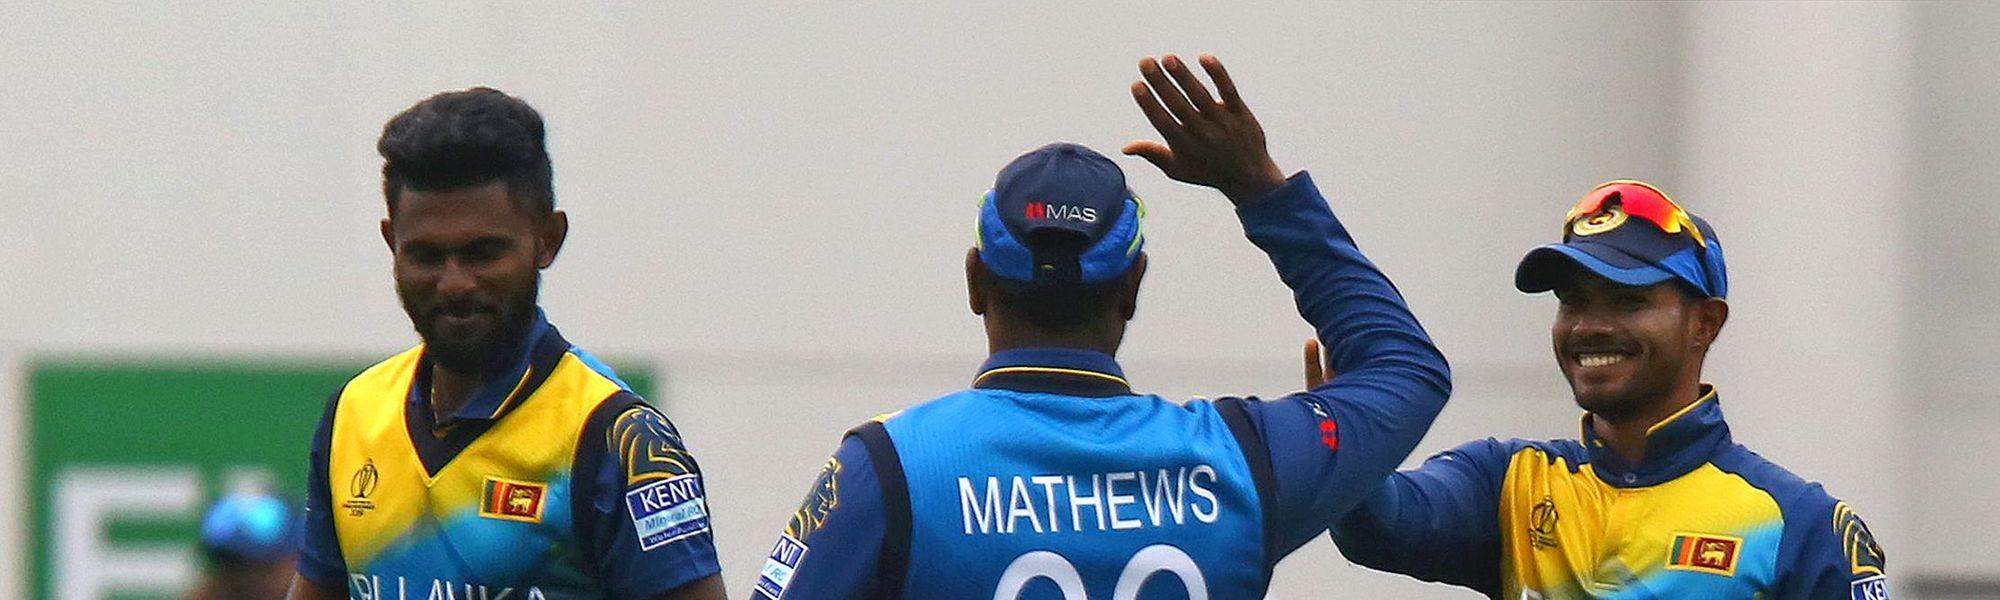 Udana celebrates a wicket